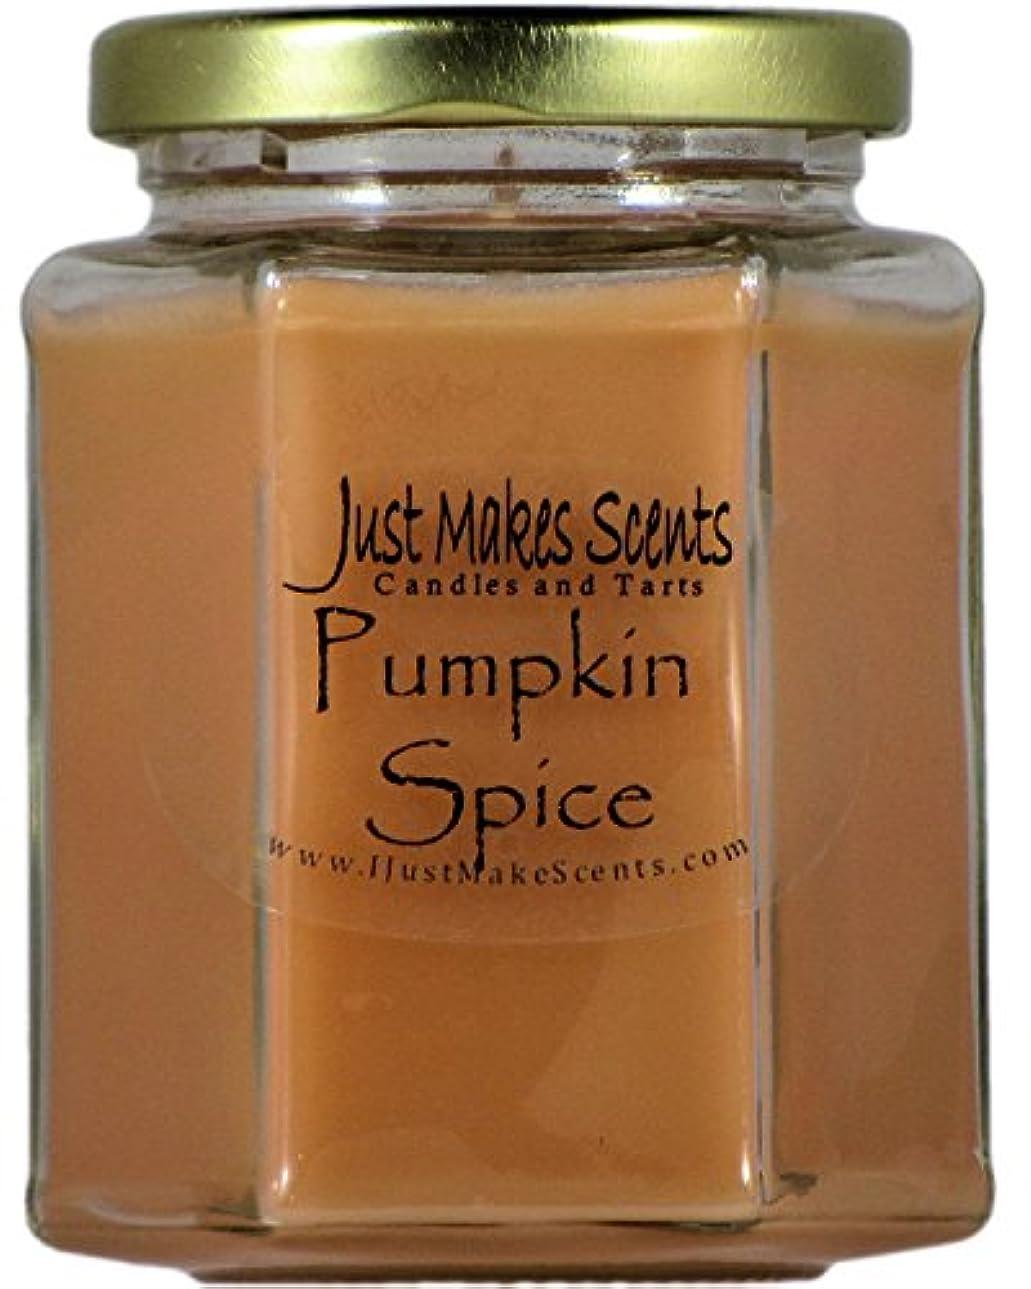 里親建てる彫刻Pumpkin Spice香りつきBlended Soy Candle | Great Smelling Fall Fragrance |手Poured in the USA by Just Makes Scents